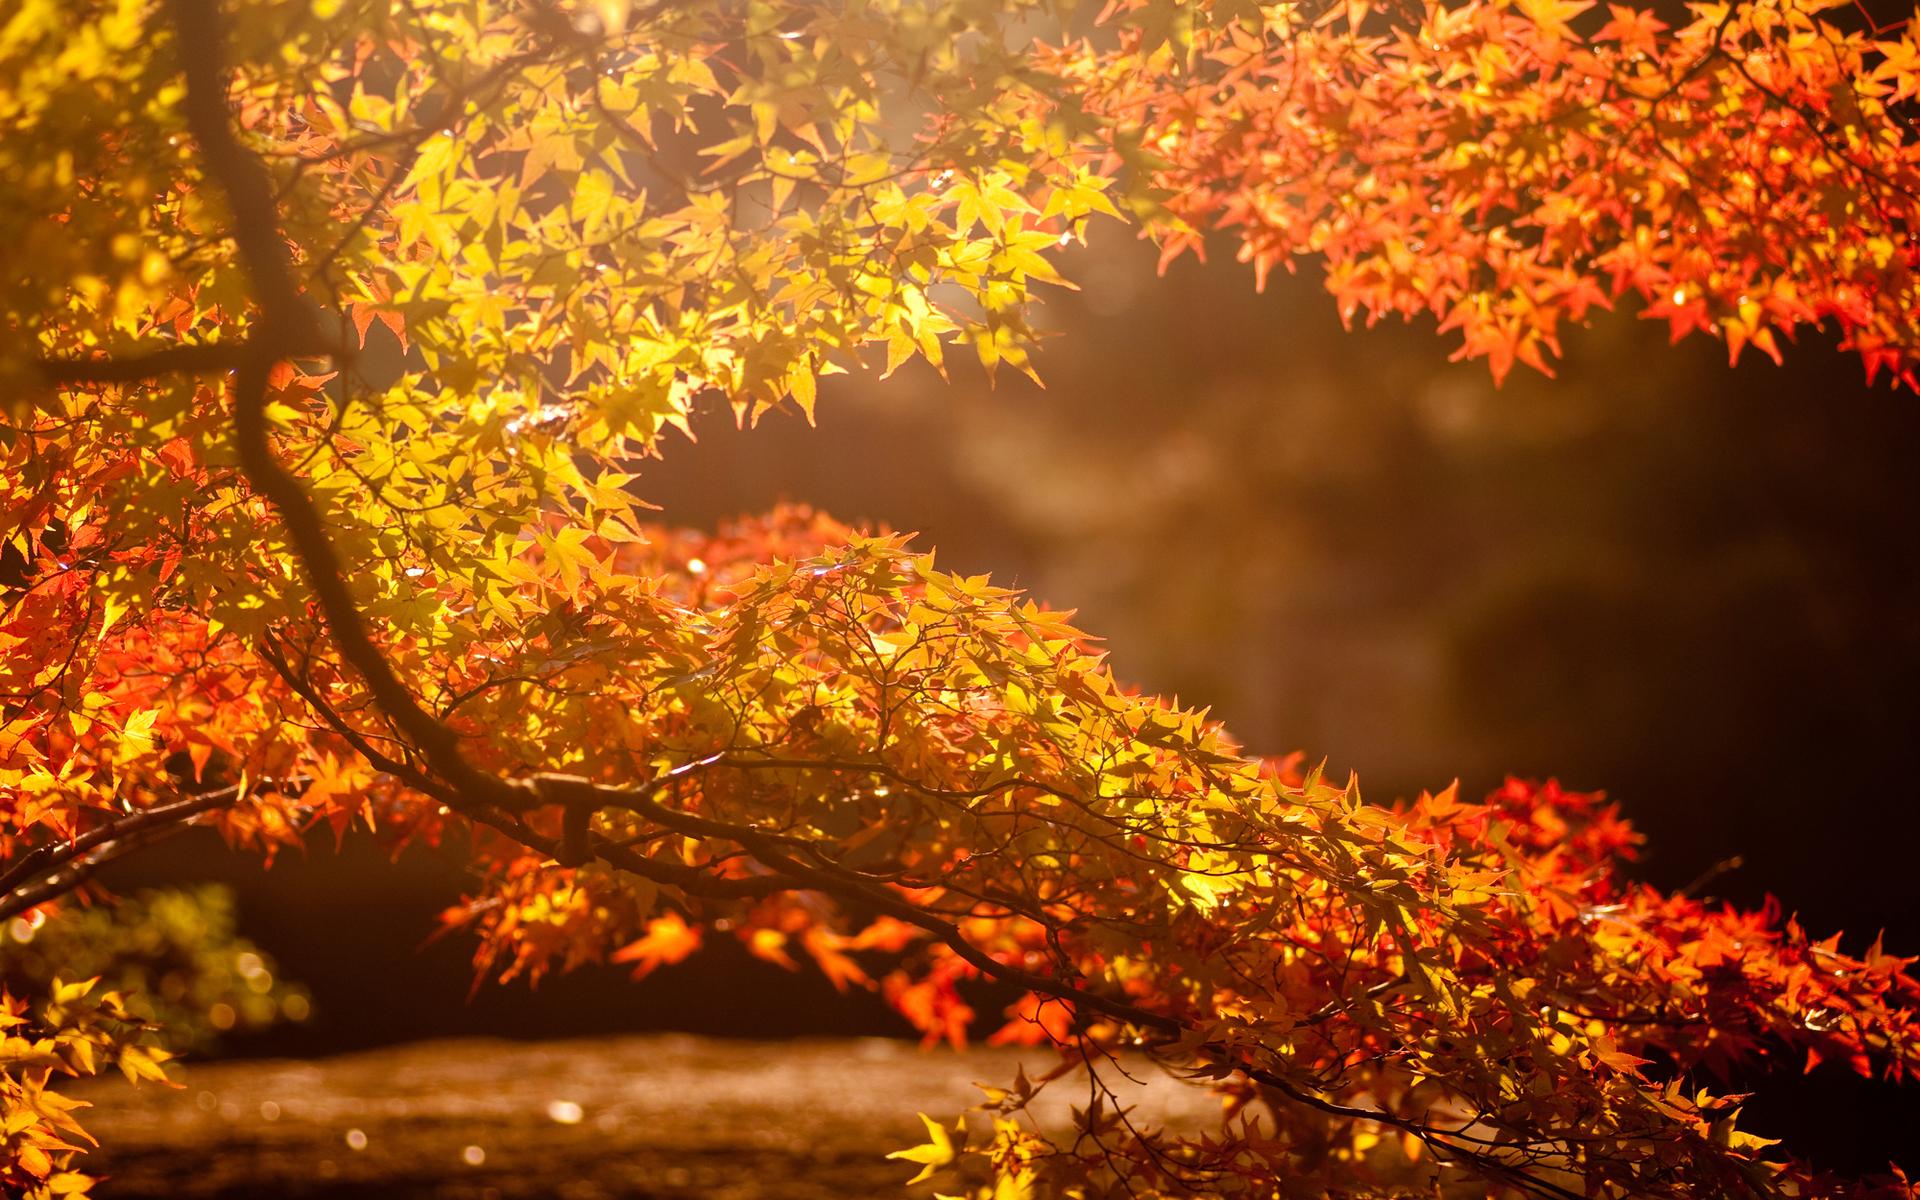 Paisajes de oto o para fondos de pantalla oto o wallpapers for Immagini autunno hd